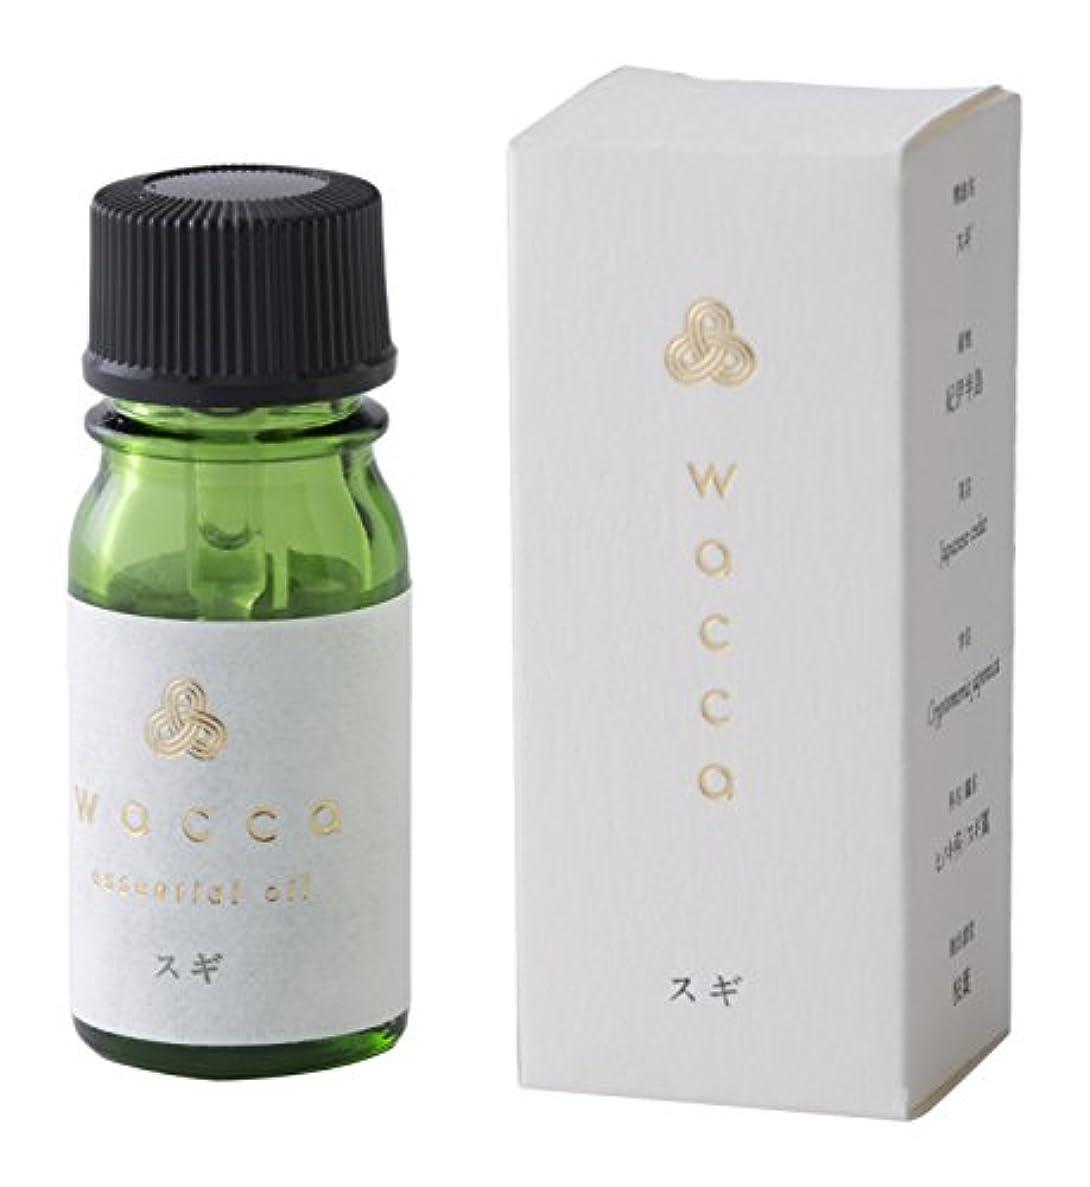 スクリーチフクロウチップwacca ワッカ エッセンシャルオイル 5ml 杉 スギ Japanese cedar essential oil 和精油 KUSU HANDMADE